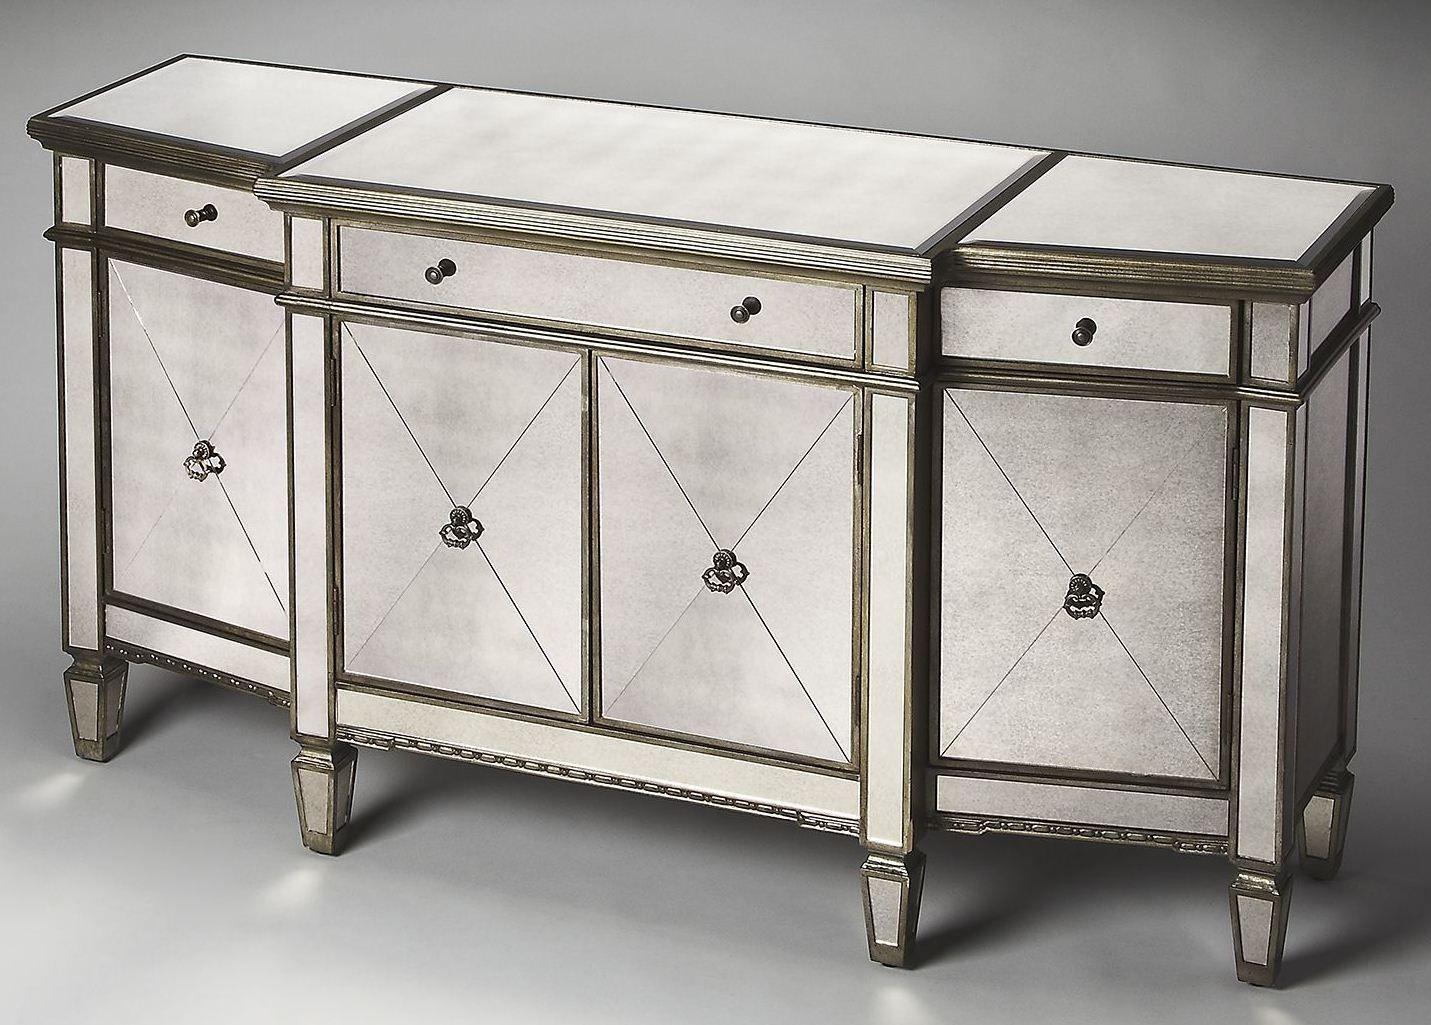 Celeste masterpiece mirror buffet from butler 2614146 for Miroir buffet